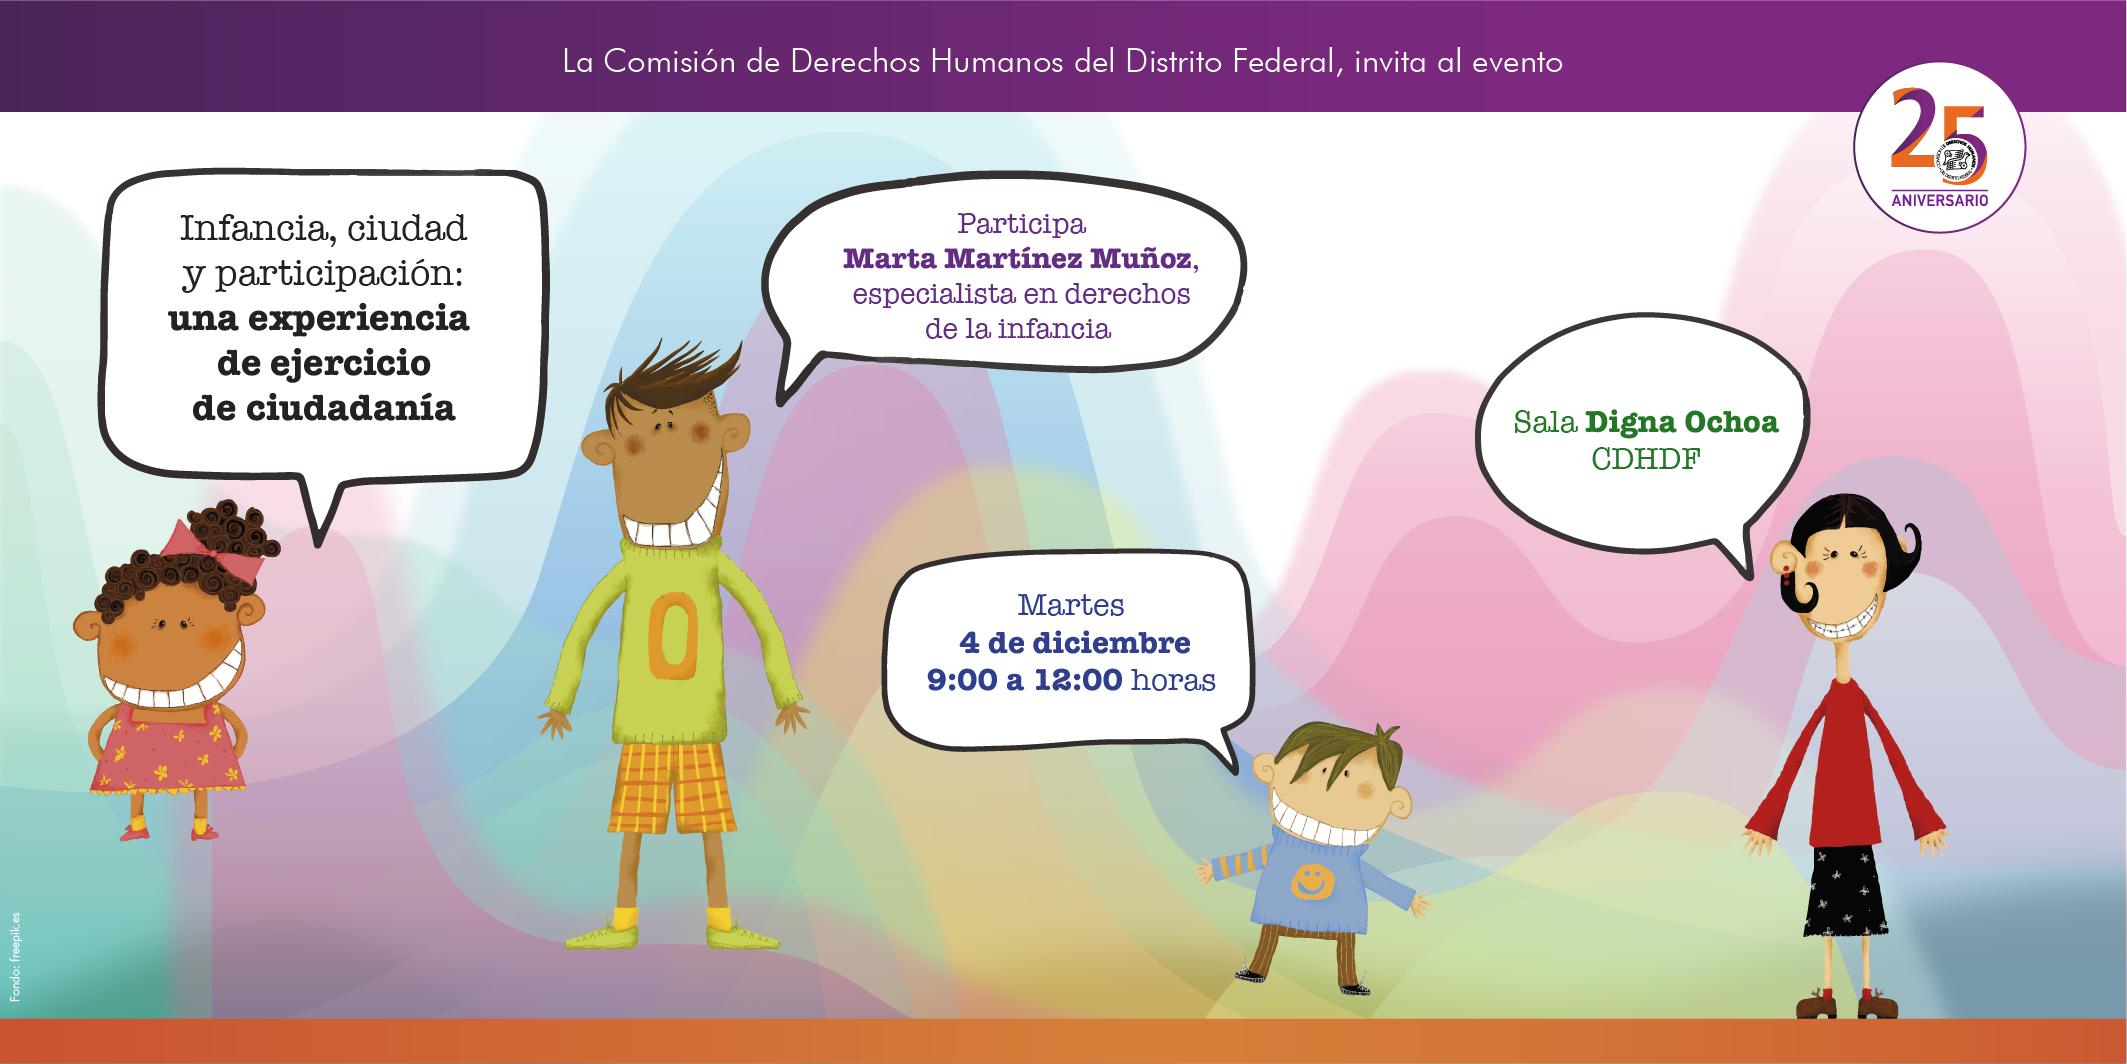 Infancia, ciudad y participación: una experiencia de ejercicio de ciudadanía. @ CDHDF